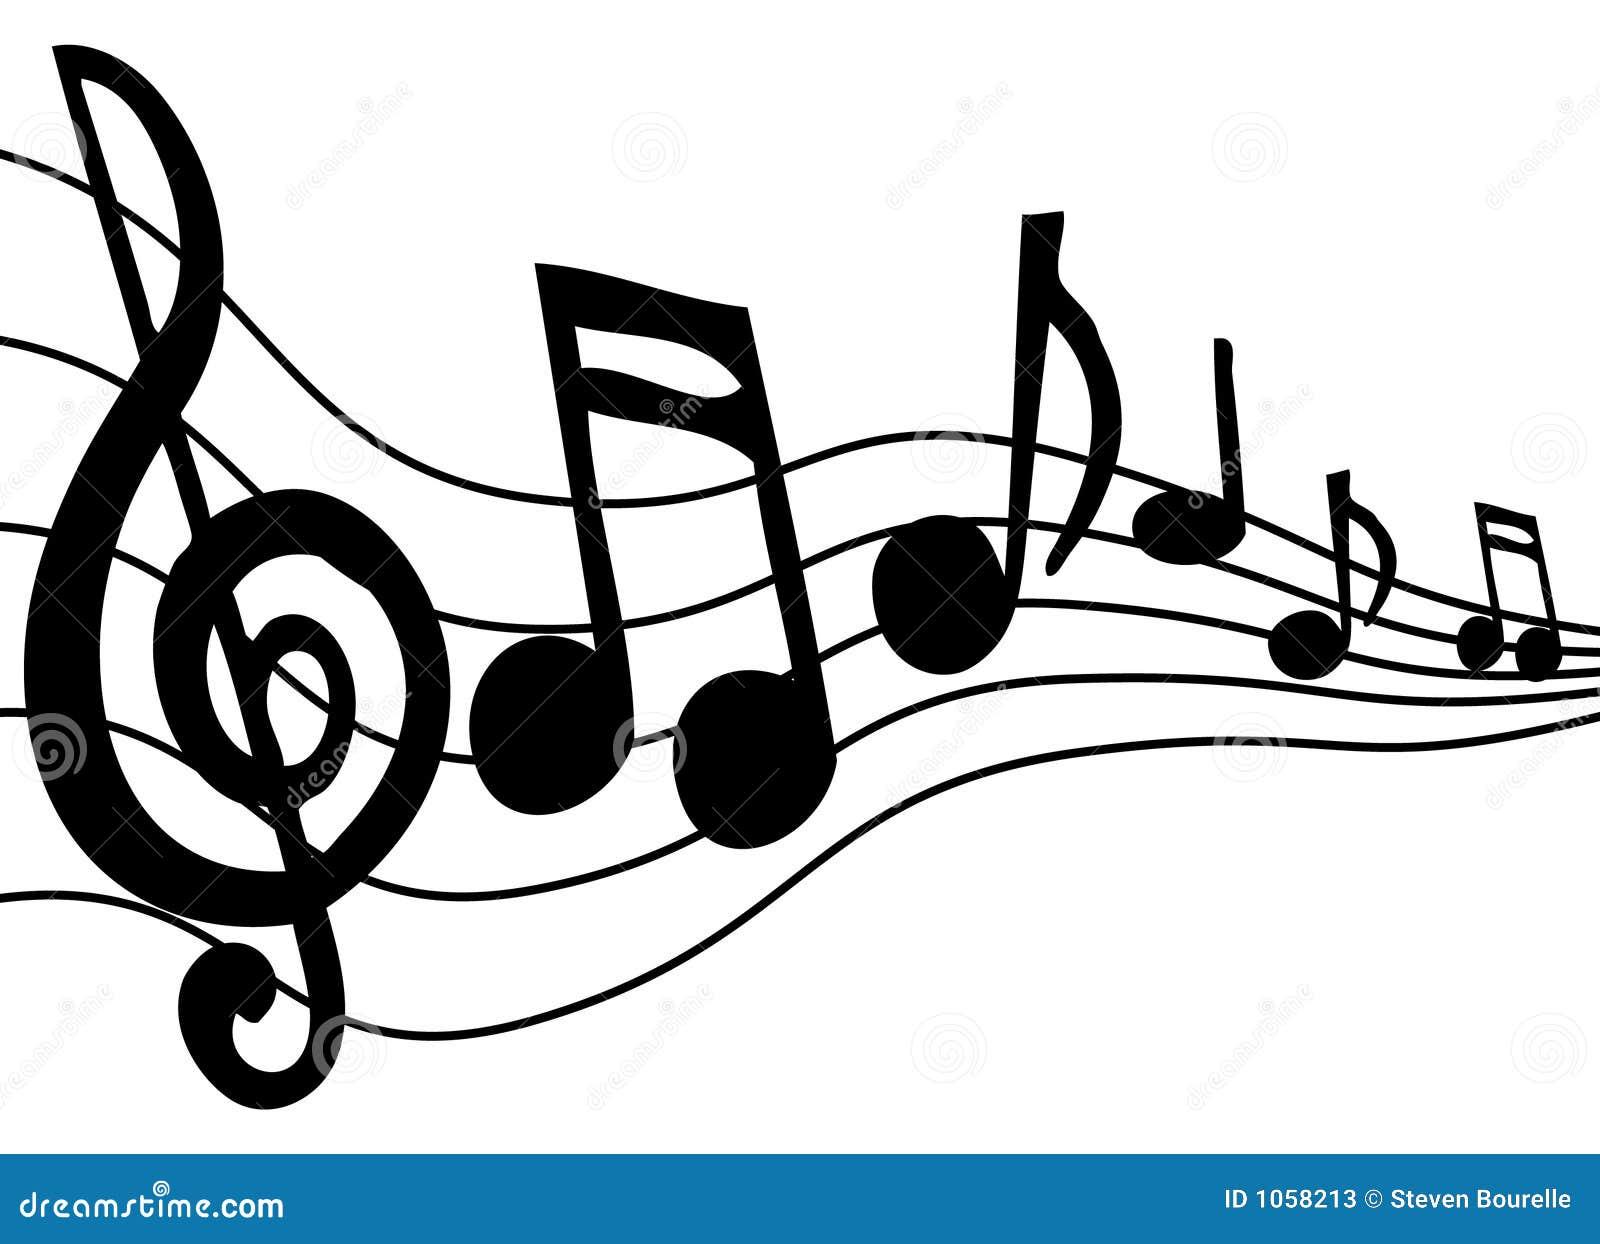 Notes de musique illustration de vecteur illustration du - Note musique dessin ...